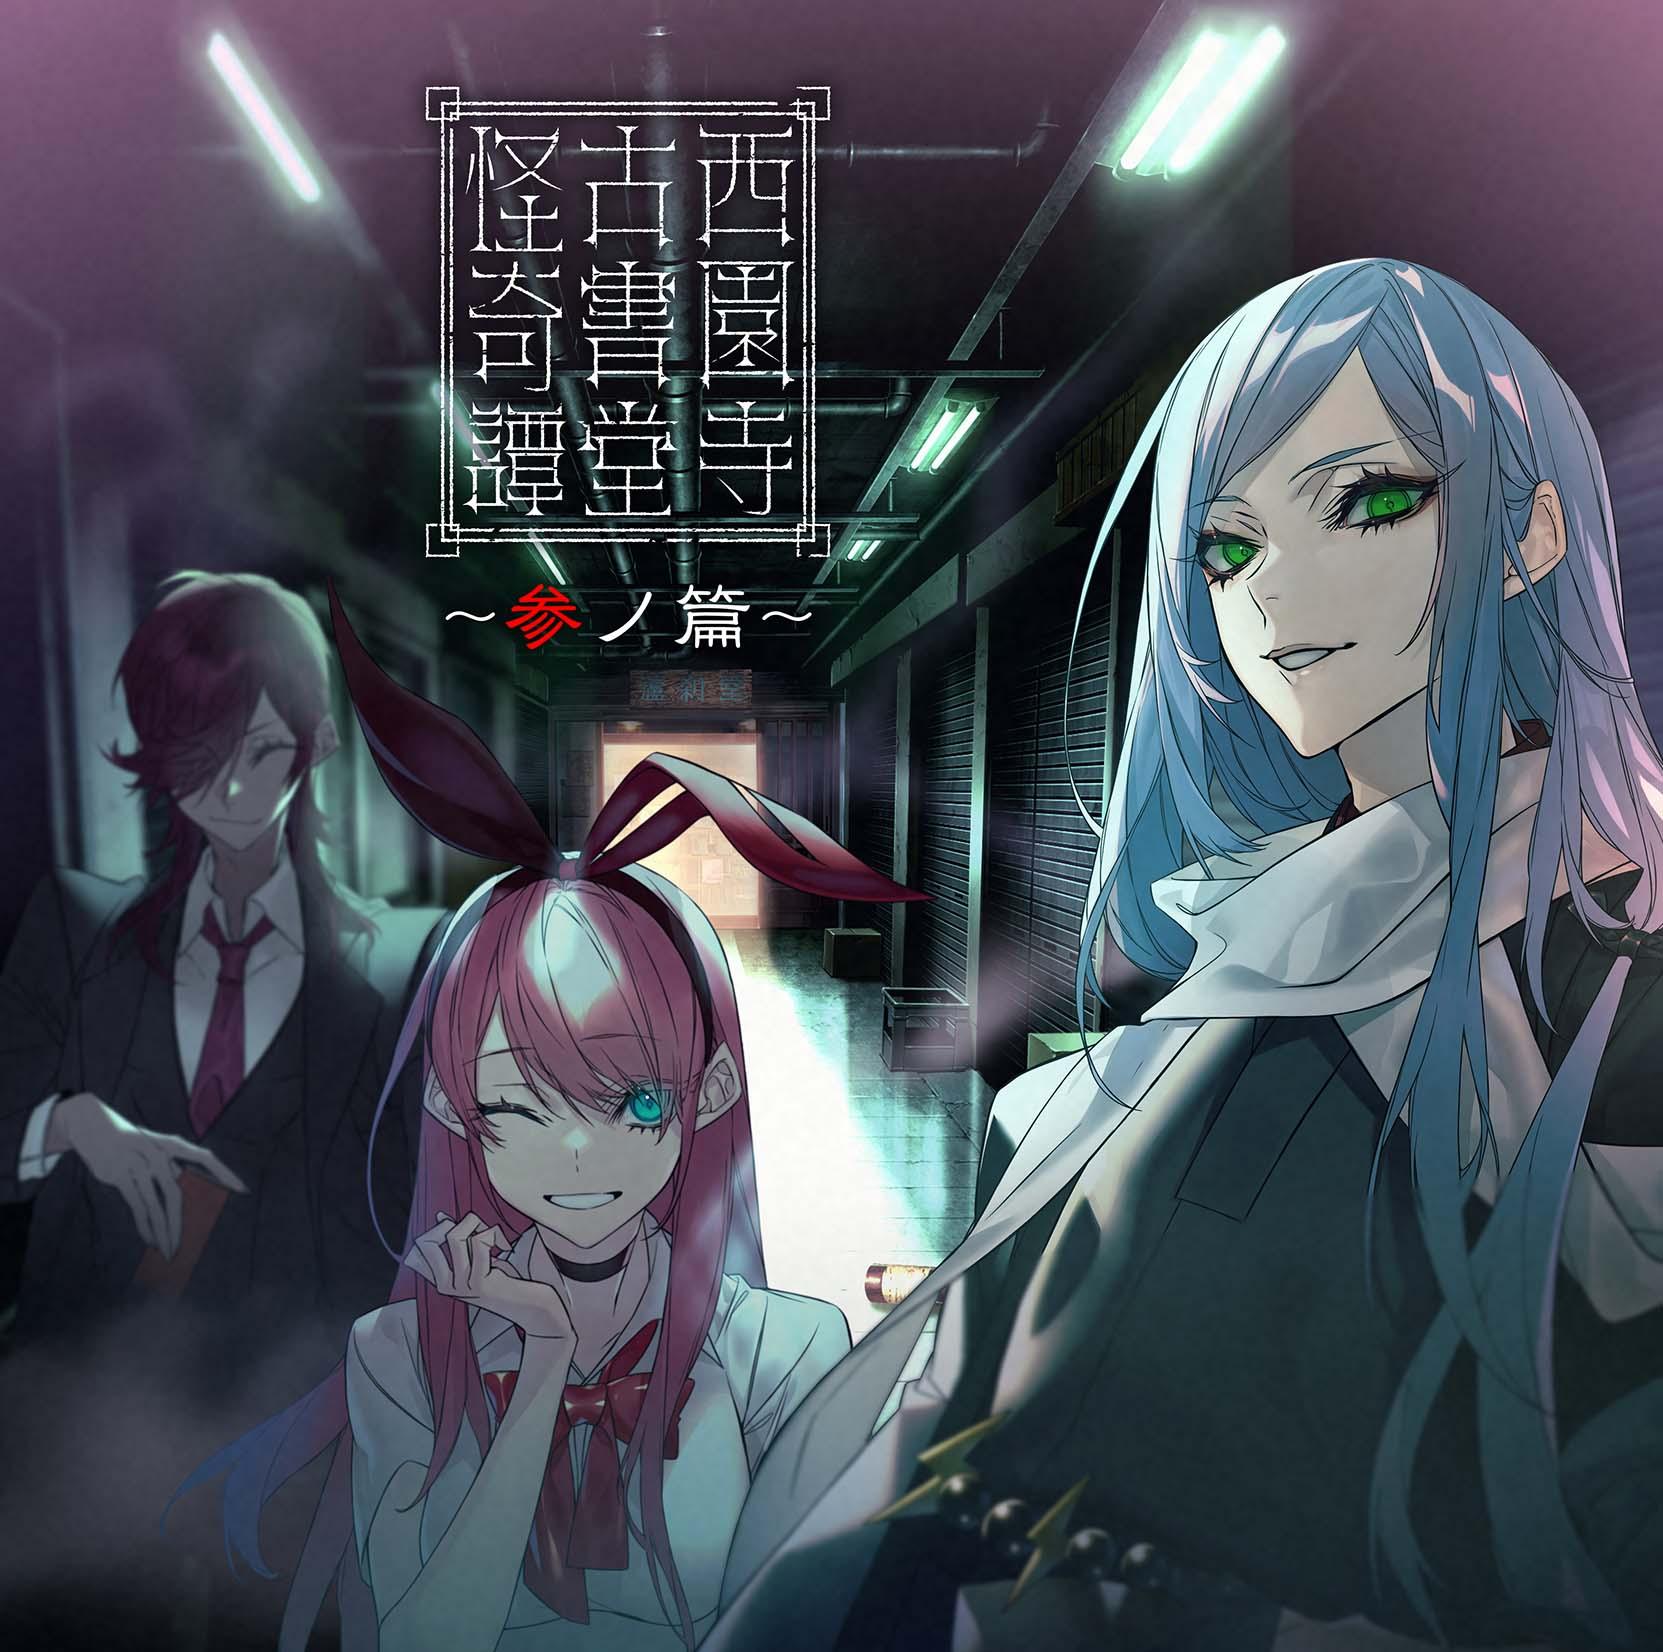 【Ponycanyon Online Limited Version】Saionji Kosyodou Kaikitan Sannohen Release in Sep15th 2021